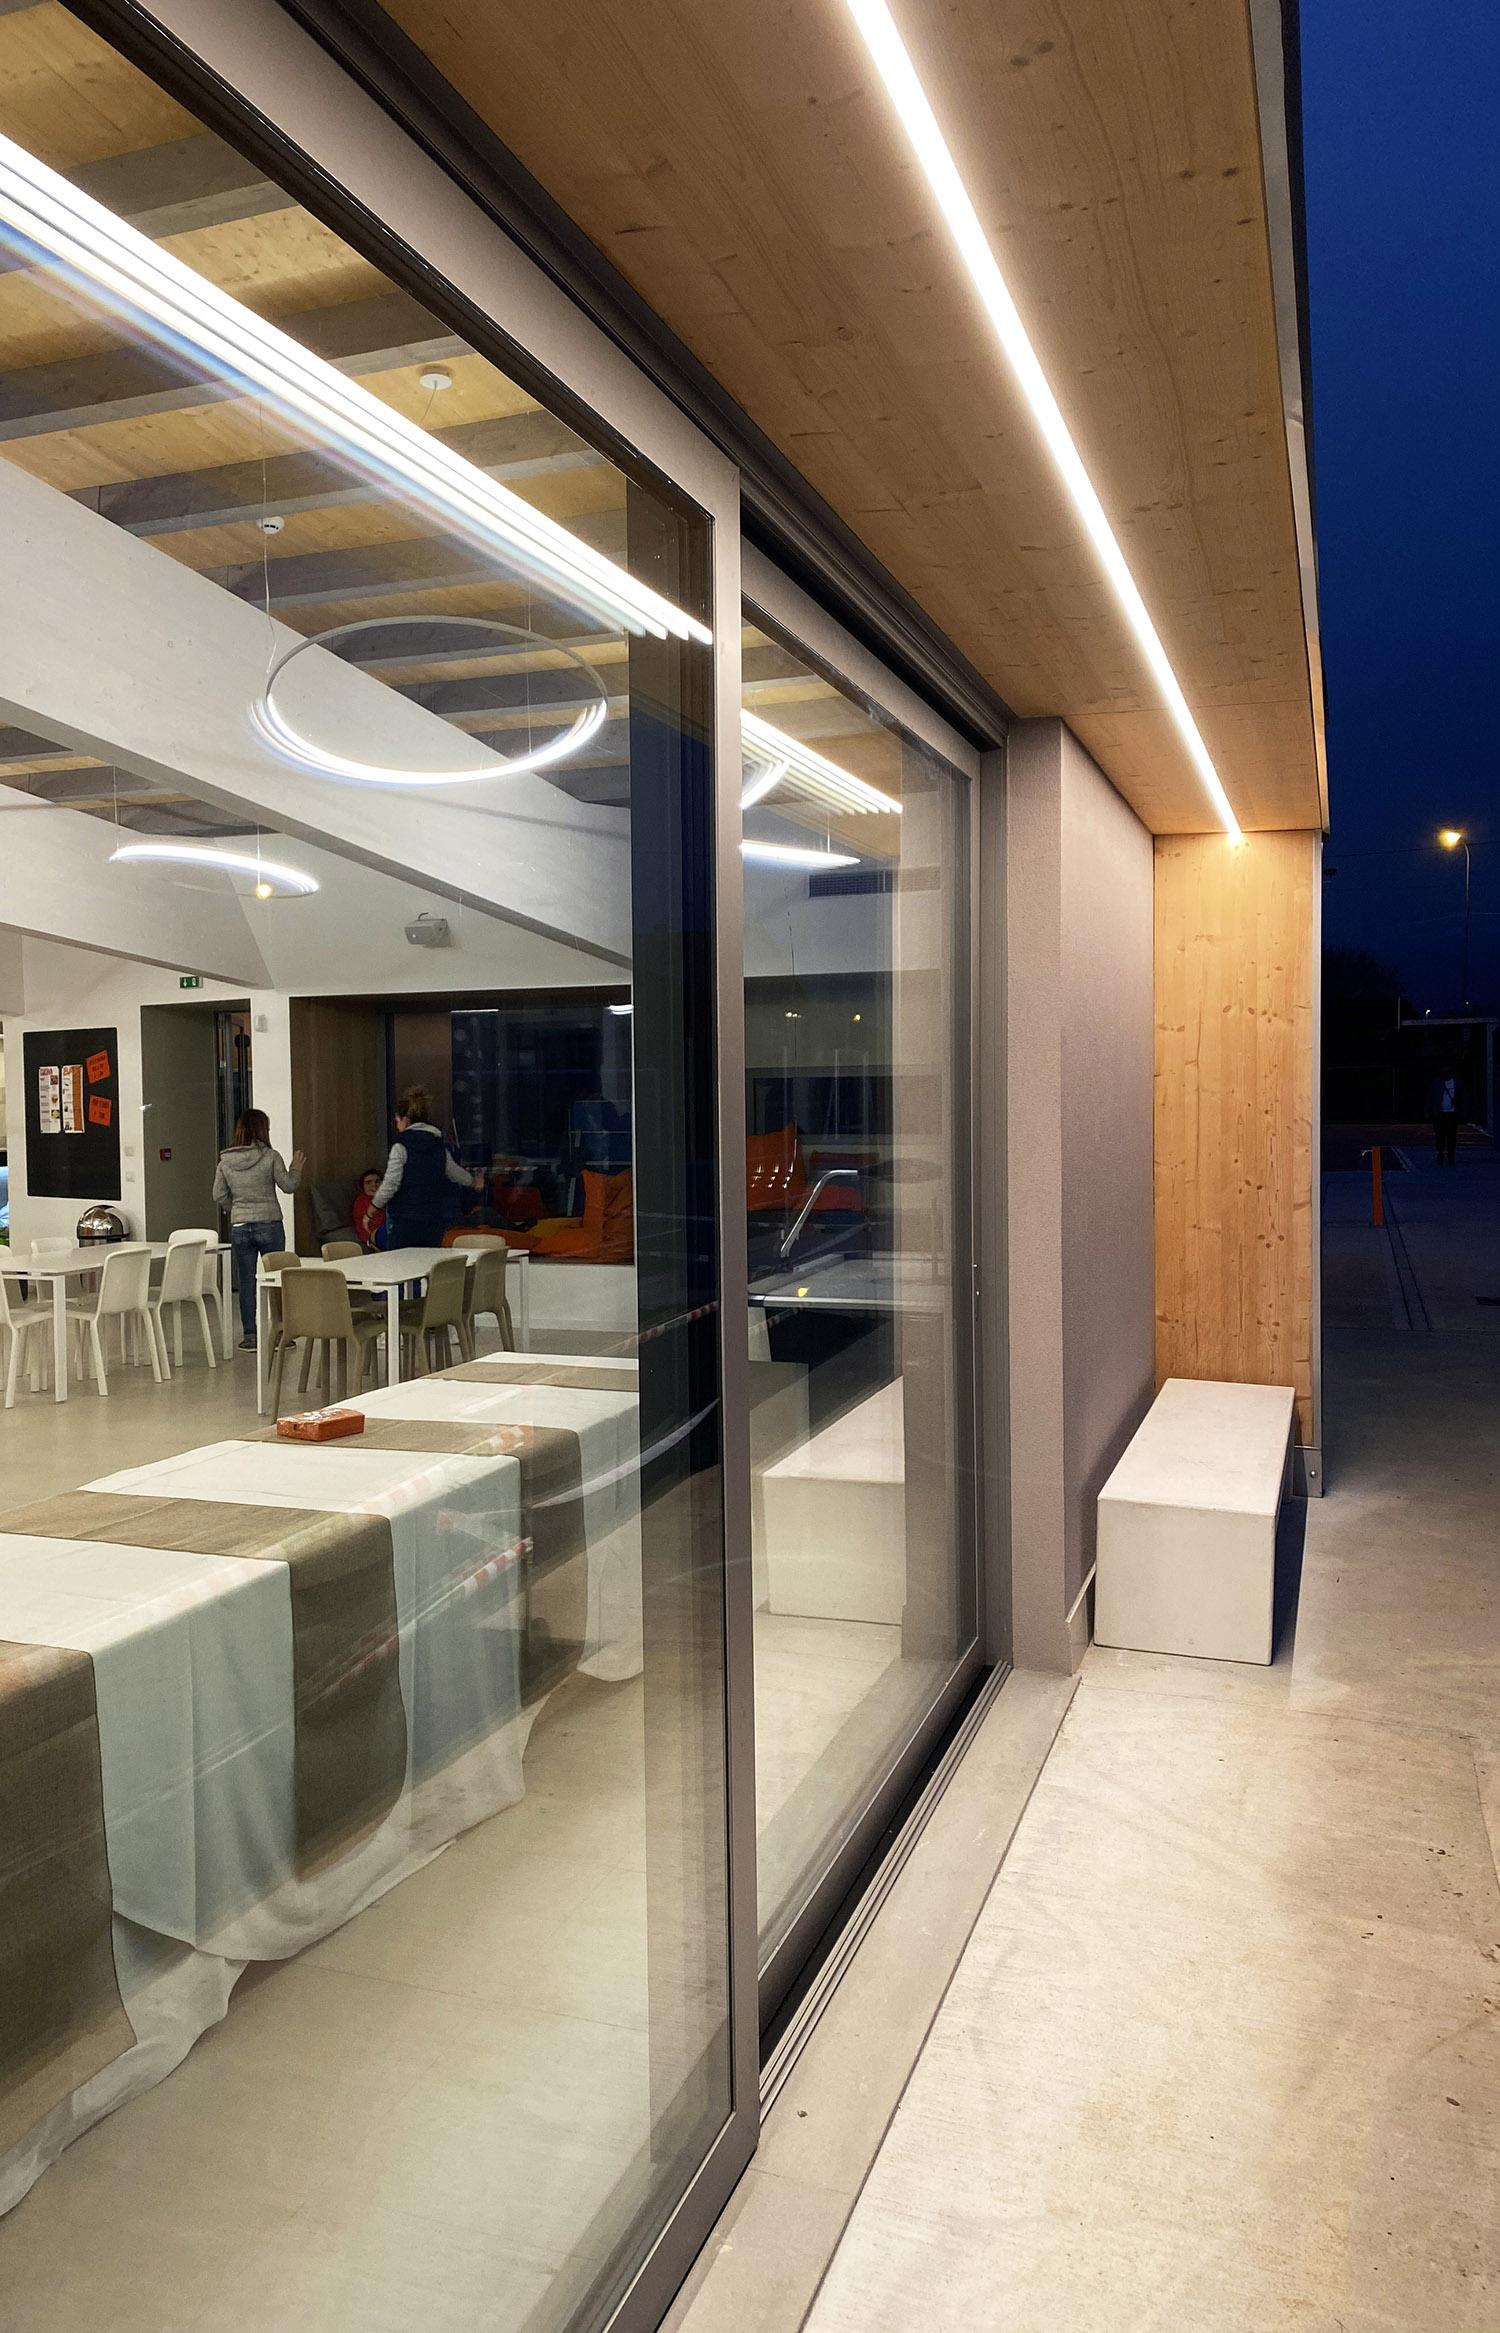 Lama protezione vetrata con striscia LED Luca Barcella